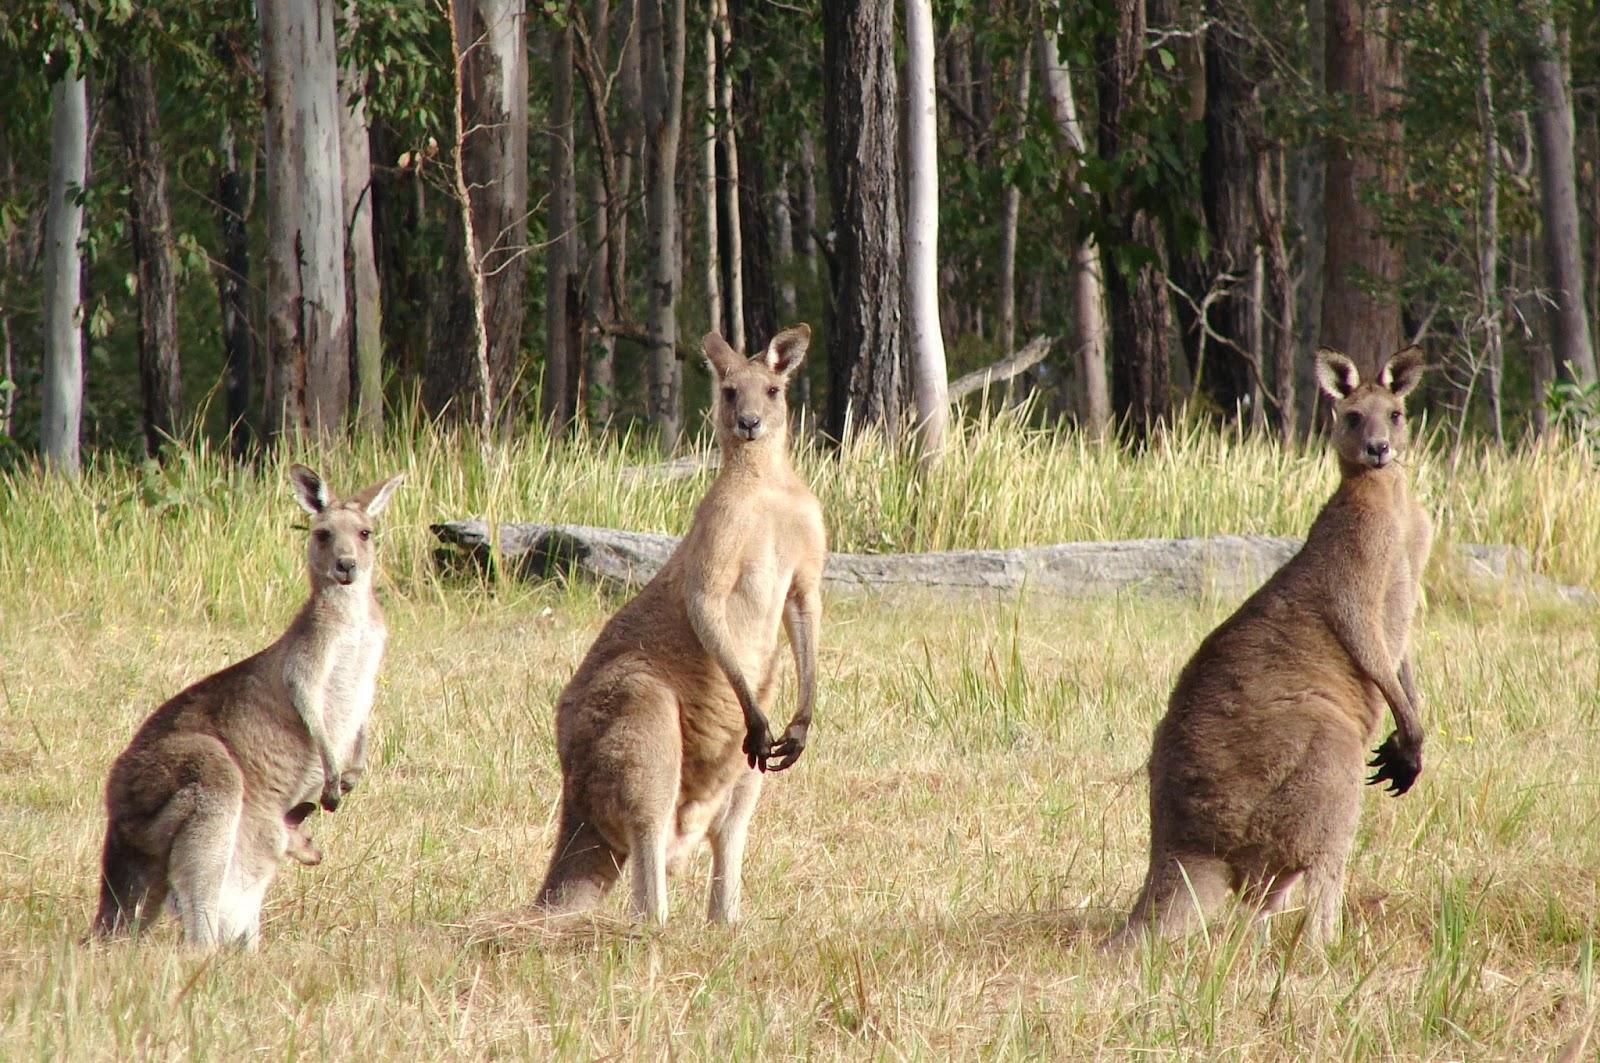 vacances en Australie, Sydney Opera House, Ayers Rock, plongée dans la Grande Barrière de Corail, Great Barrier Reef, Adventure in Australia, kangourou.